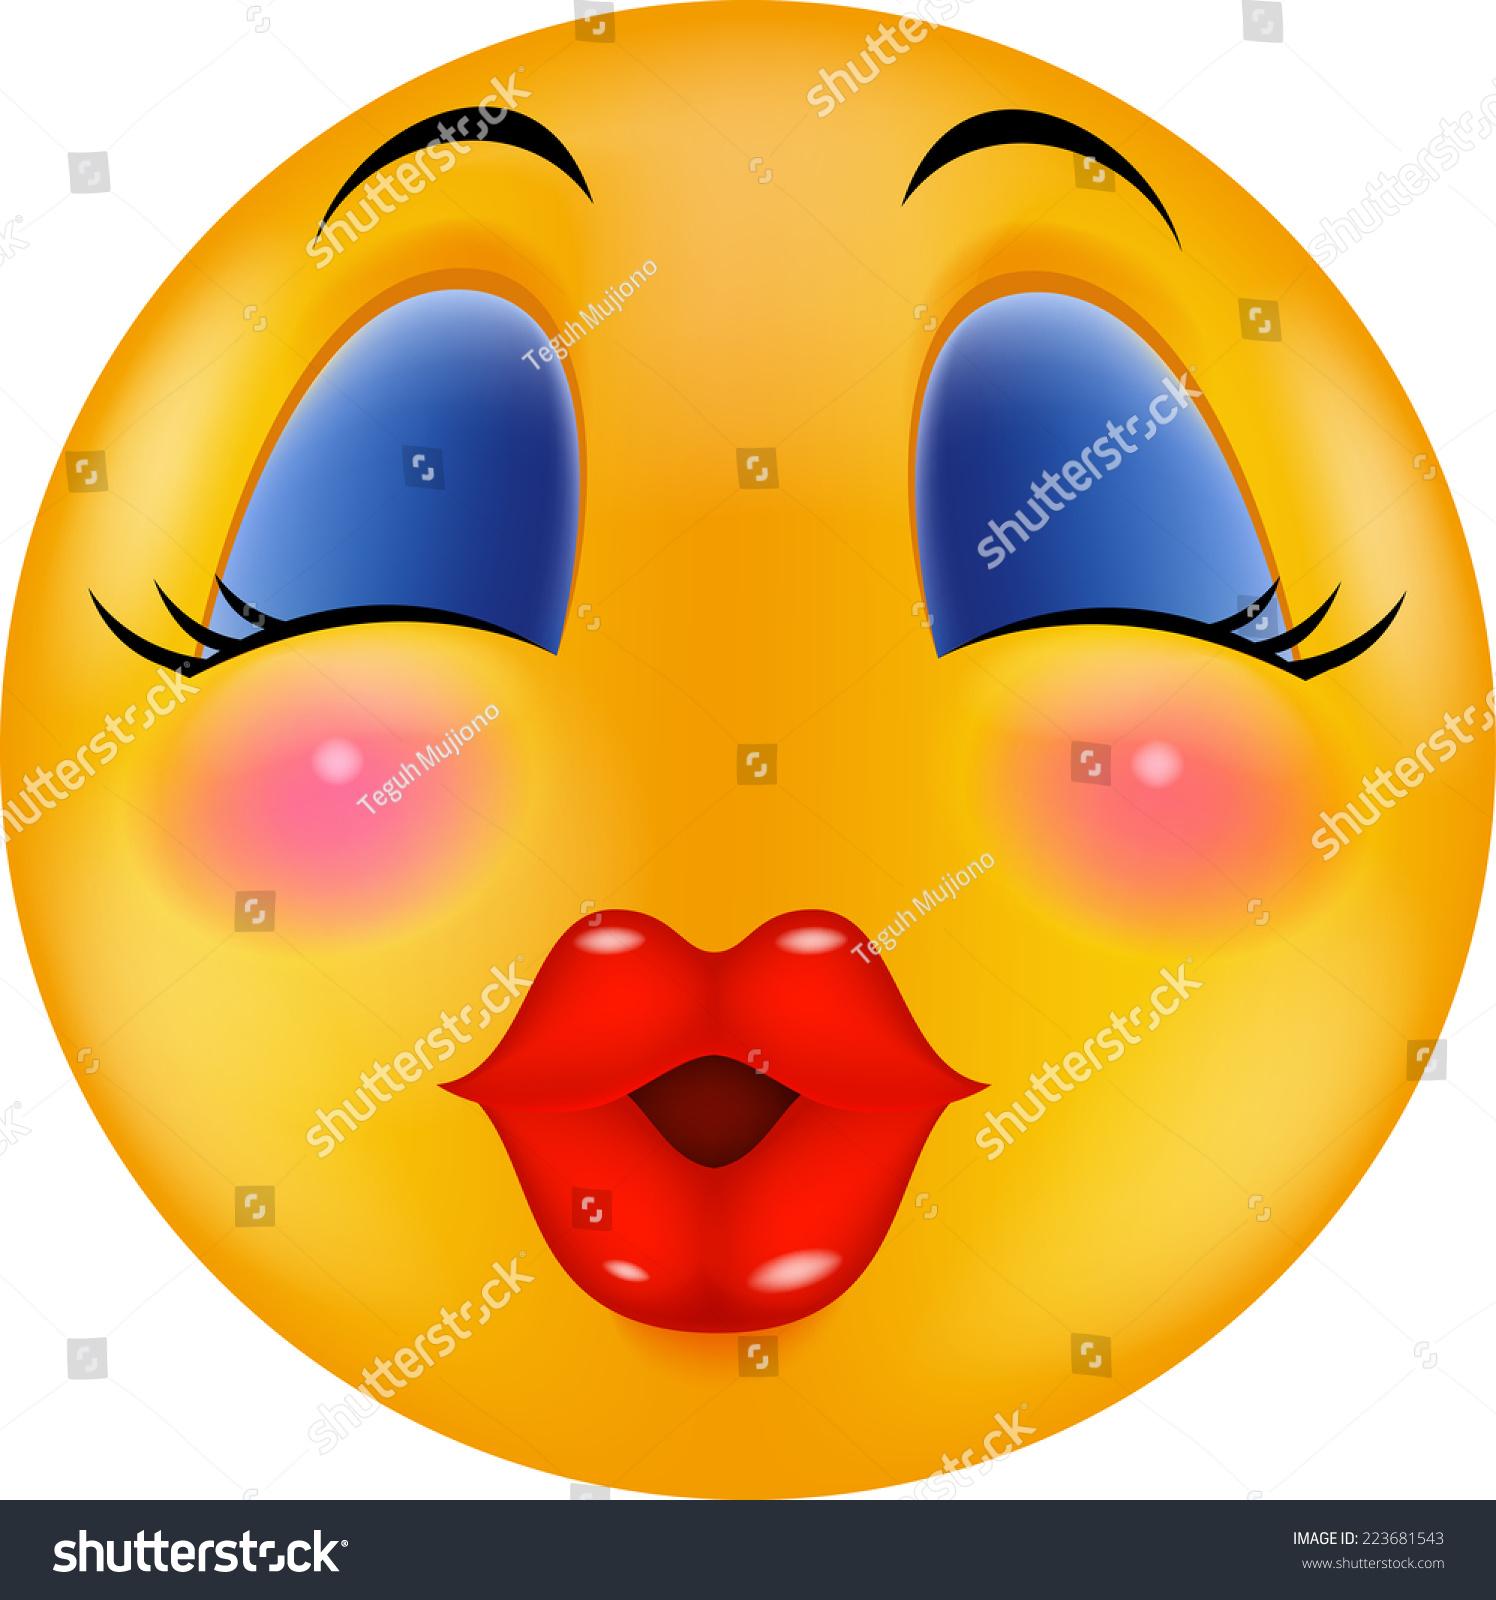 微信头像可爱笑脸